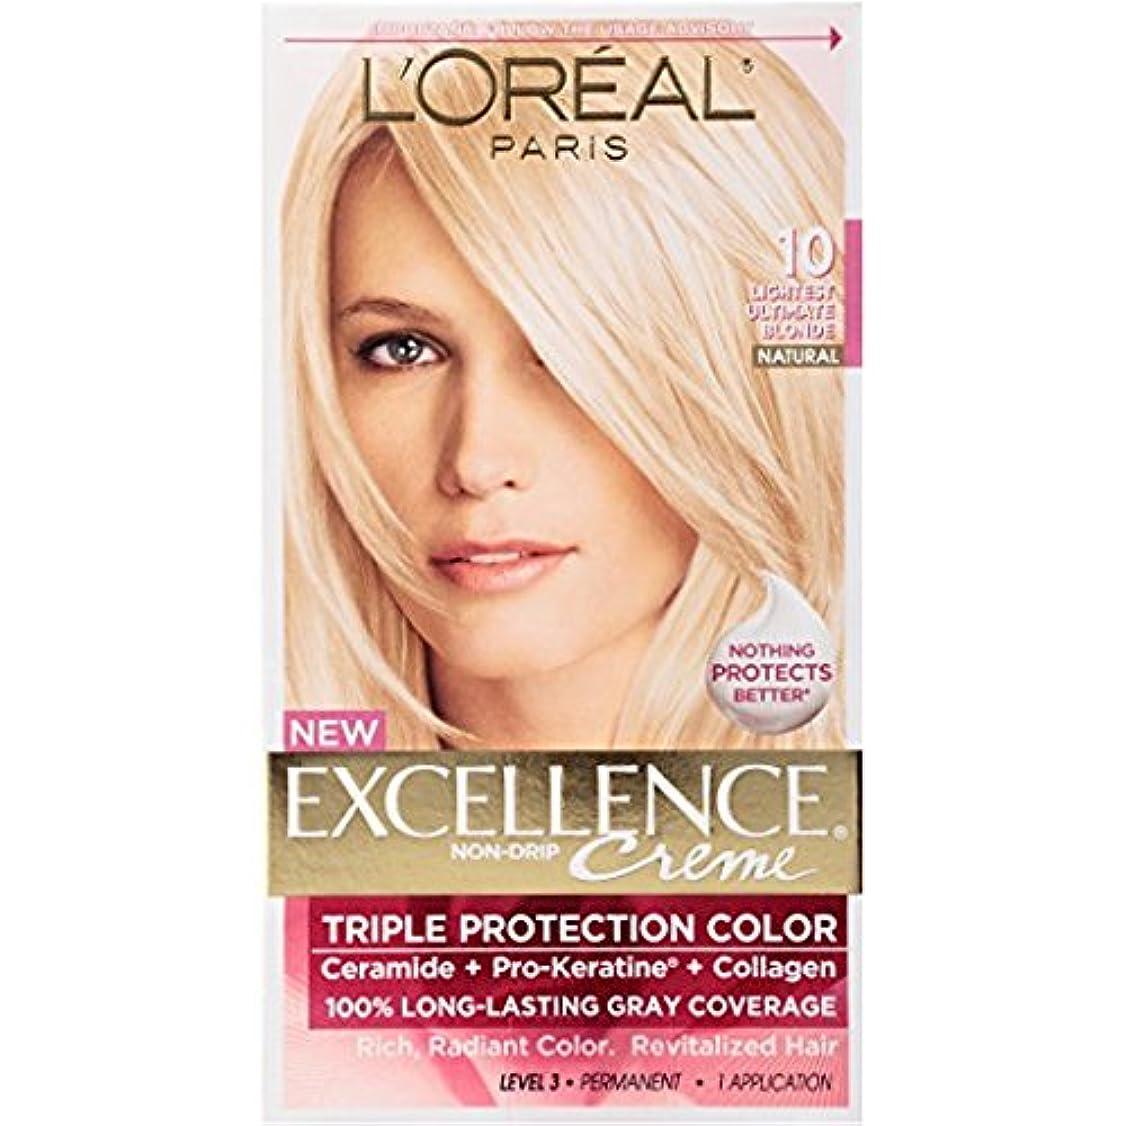 ジャンクションカメラふくろうロレアル L'Oreal Paris Excellence Creme Pro - Keratine 10 Light Ultimate Blonde ブロンド ヘアダイ [並行輸入品]